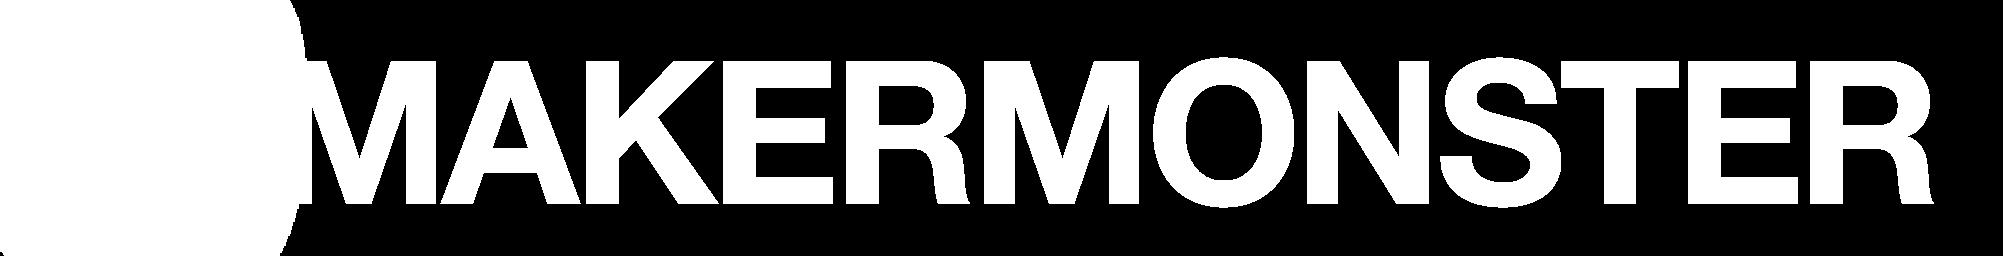 MAKERMONSTER logo white transparent